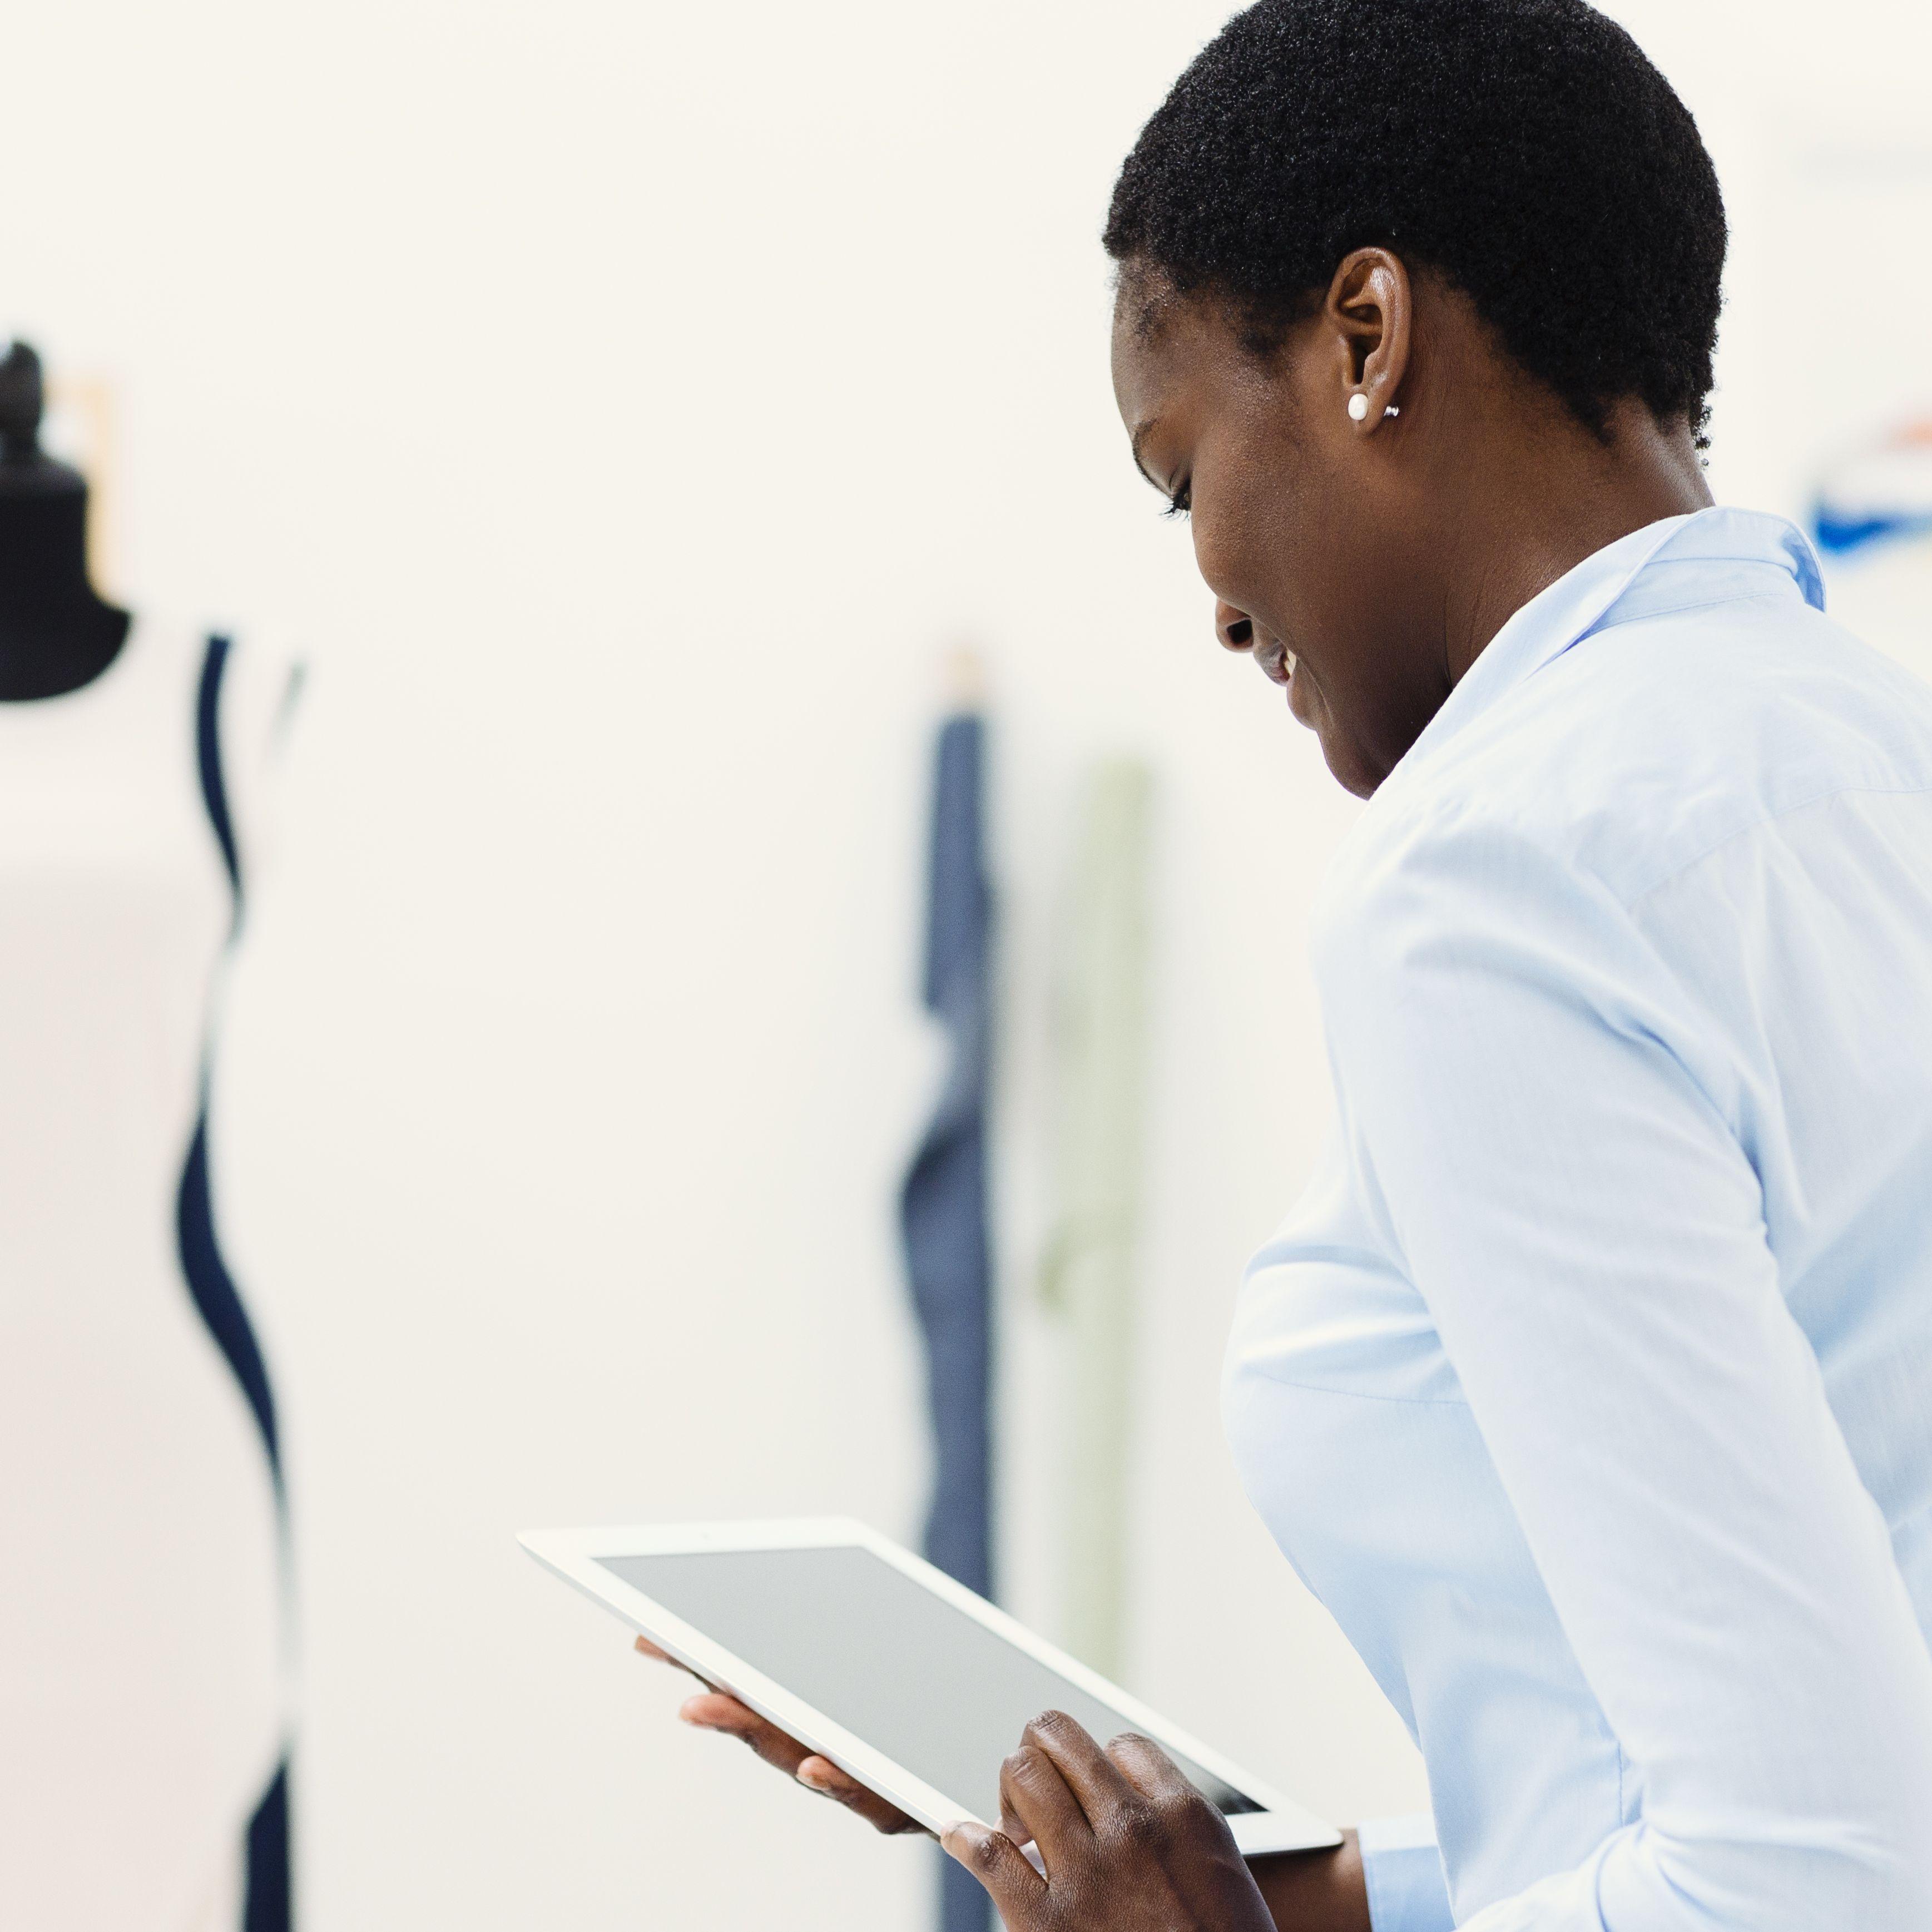 Die Digitalisierung verändert das Berufsbild des Verkäufers nachhaltig. 13e2c181f70